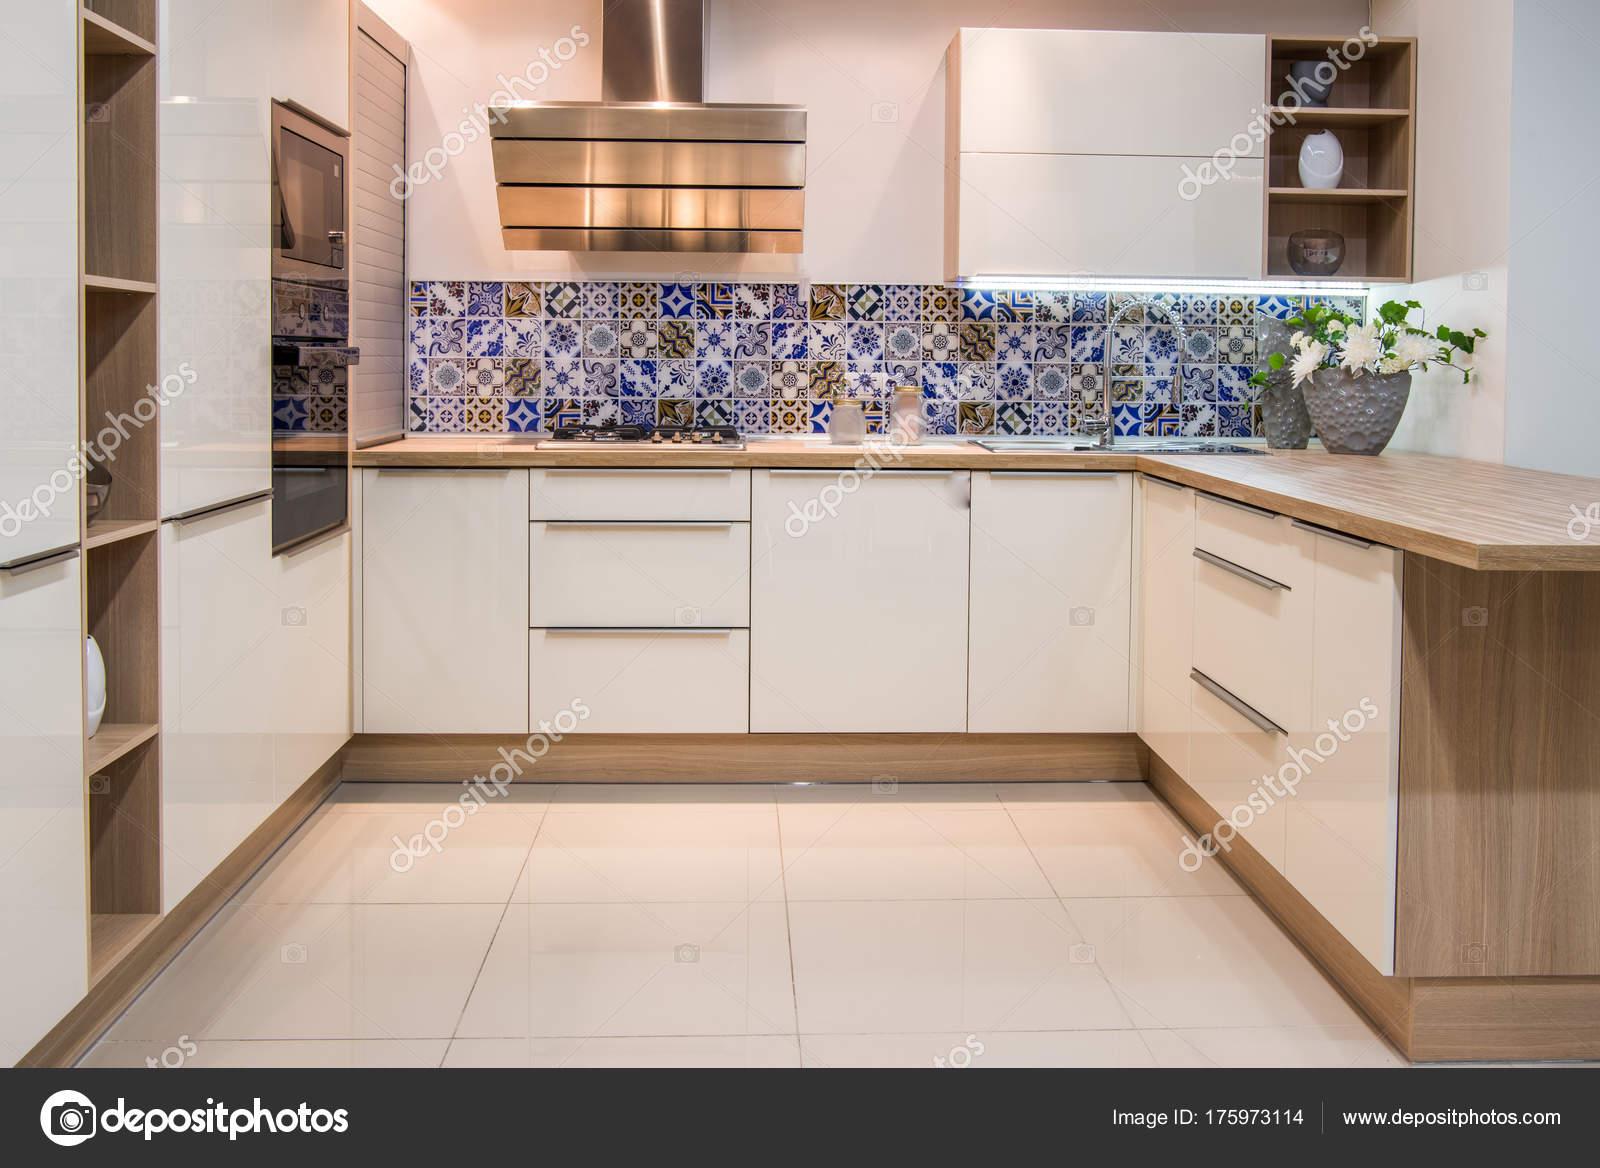 Moderne Keuken Kleuren : Gezellige moderne keuken interieur met meubilair lichte kleuren